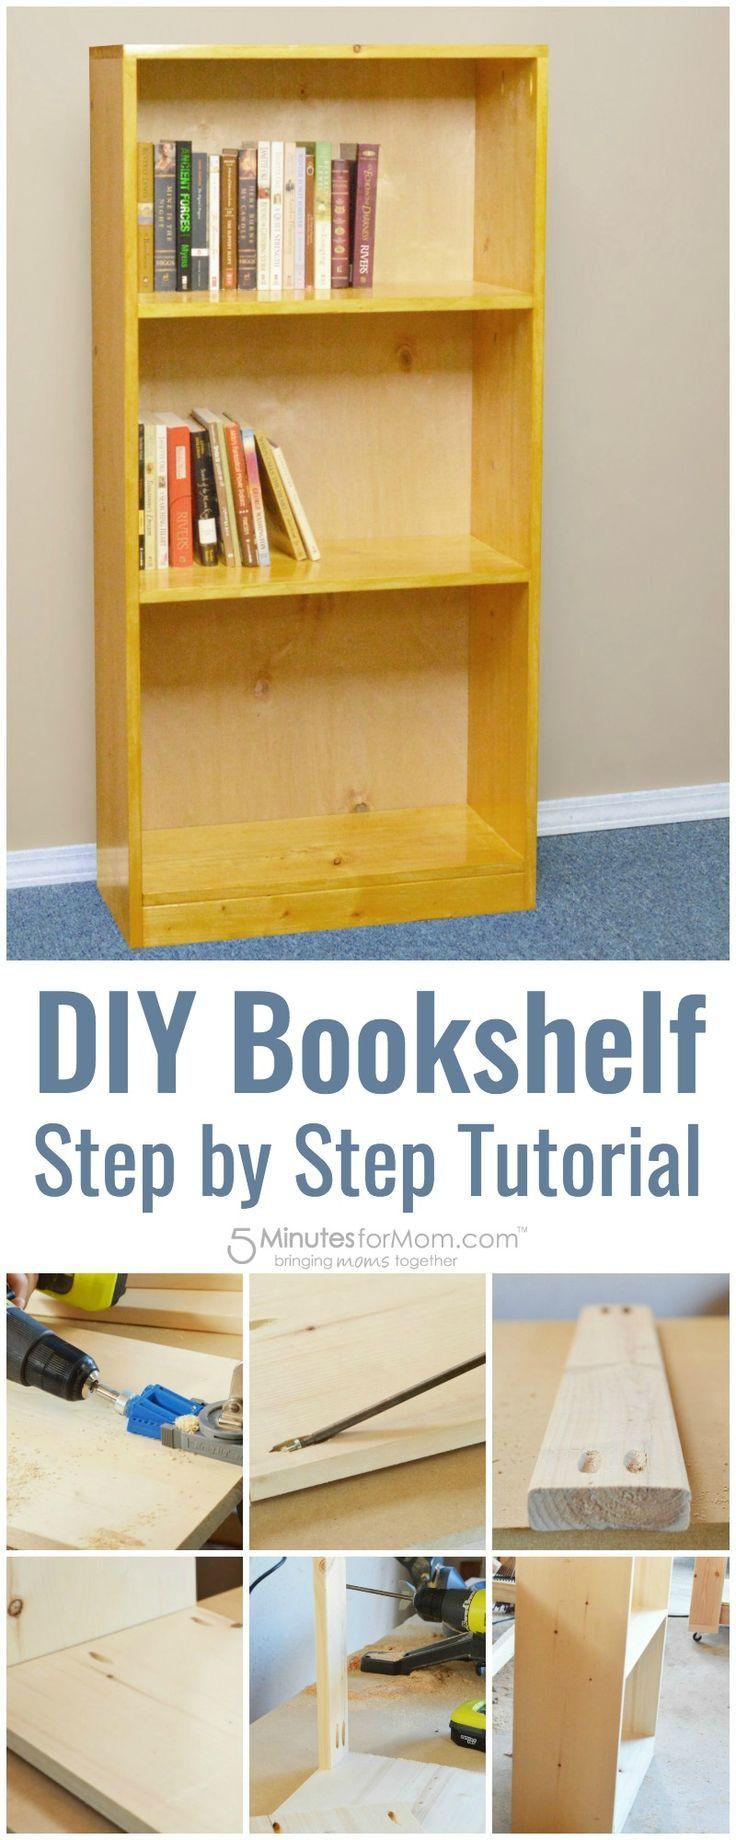 Diy Building Bookshelves On Pinterest